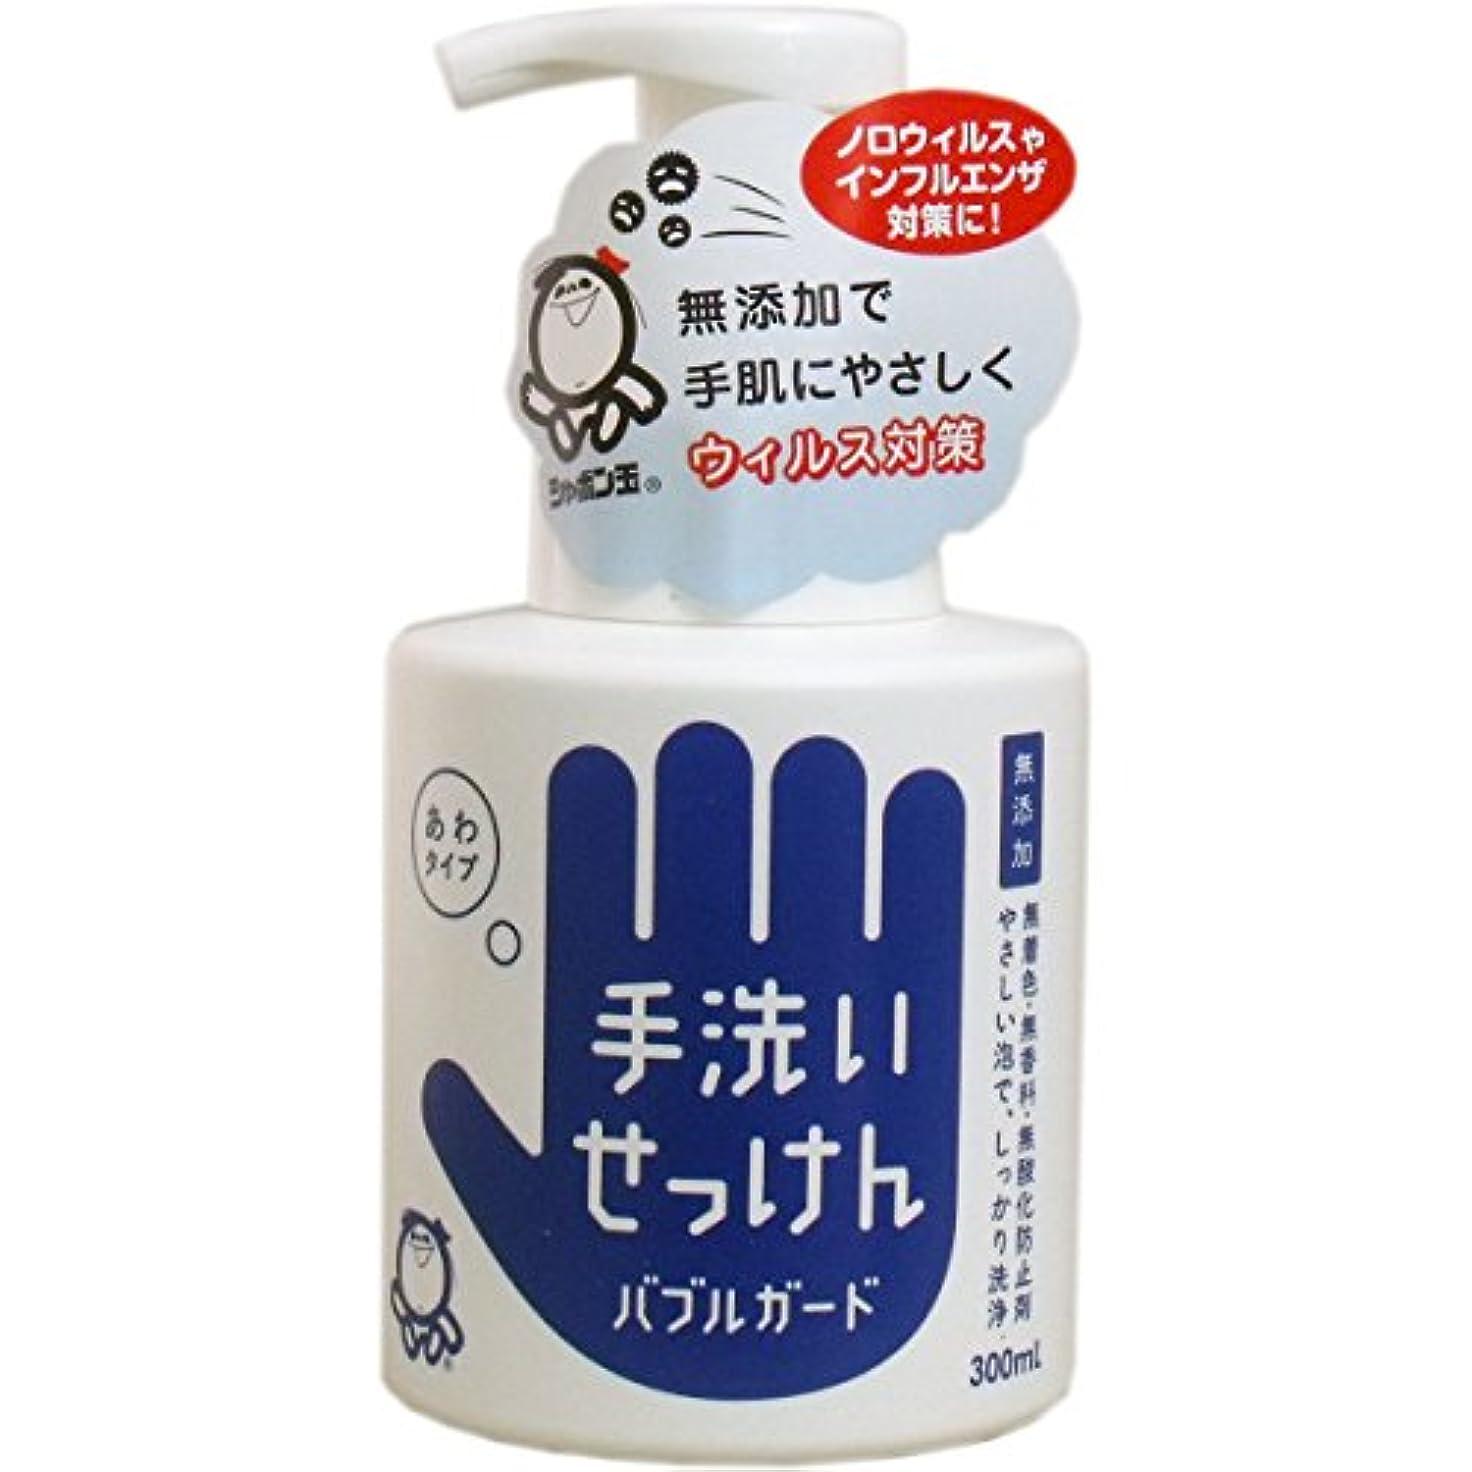 ジャンプ全滅させる調整するシャボン玉石けん 手洗いせっけん バブルガード 本体 300ml 1本